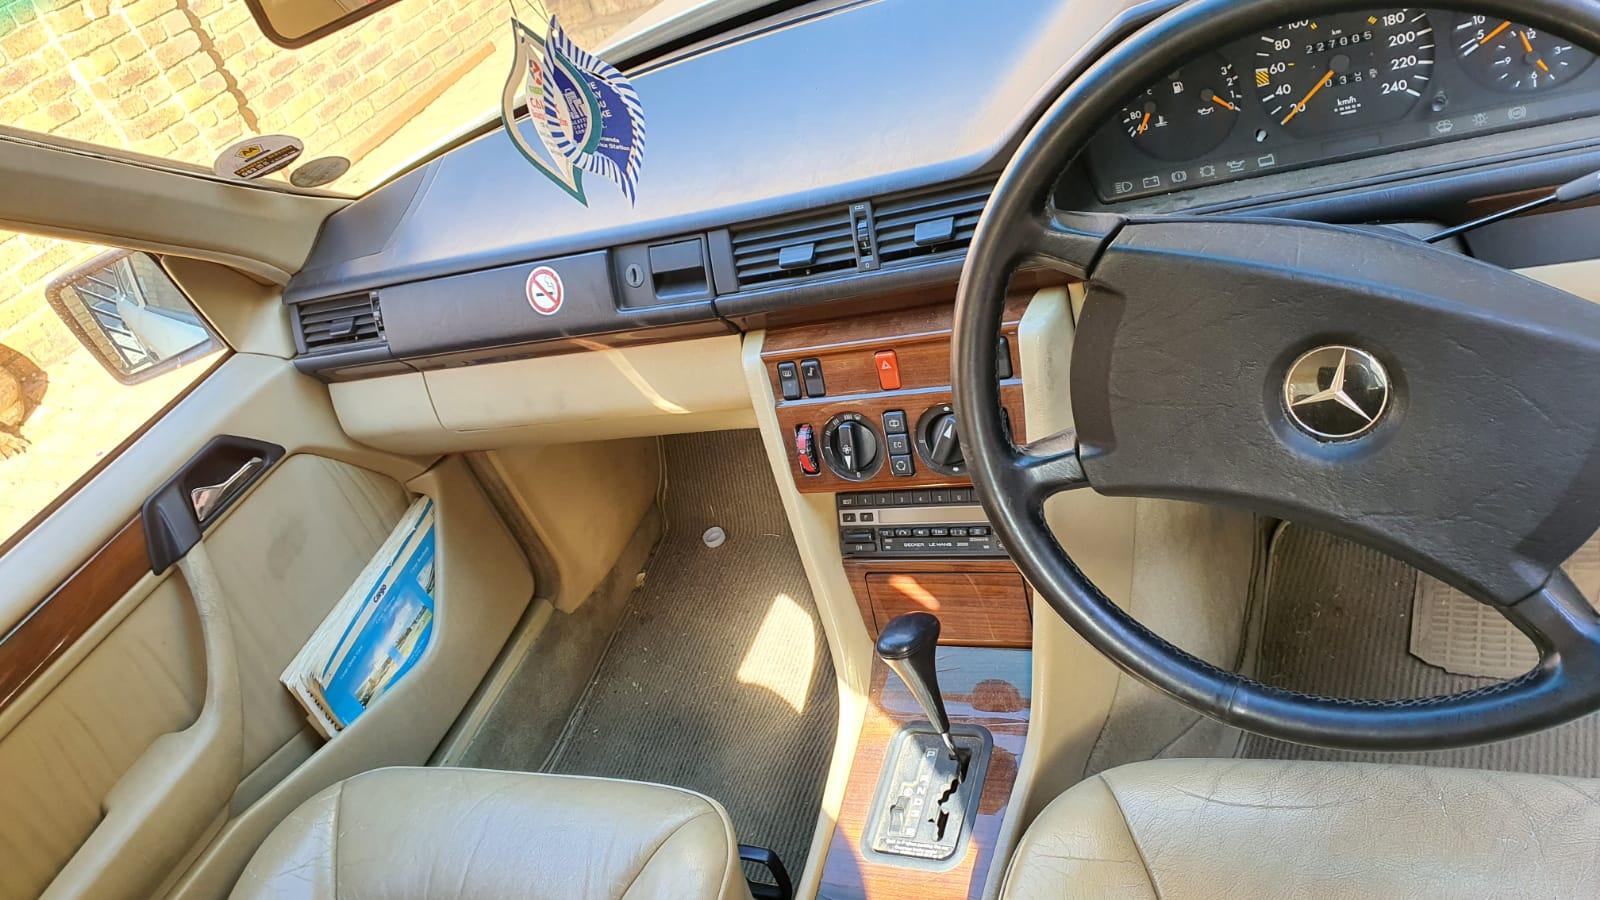 Mercedes Benz 300E 1991 model